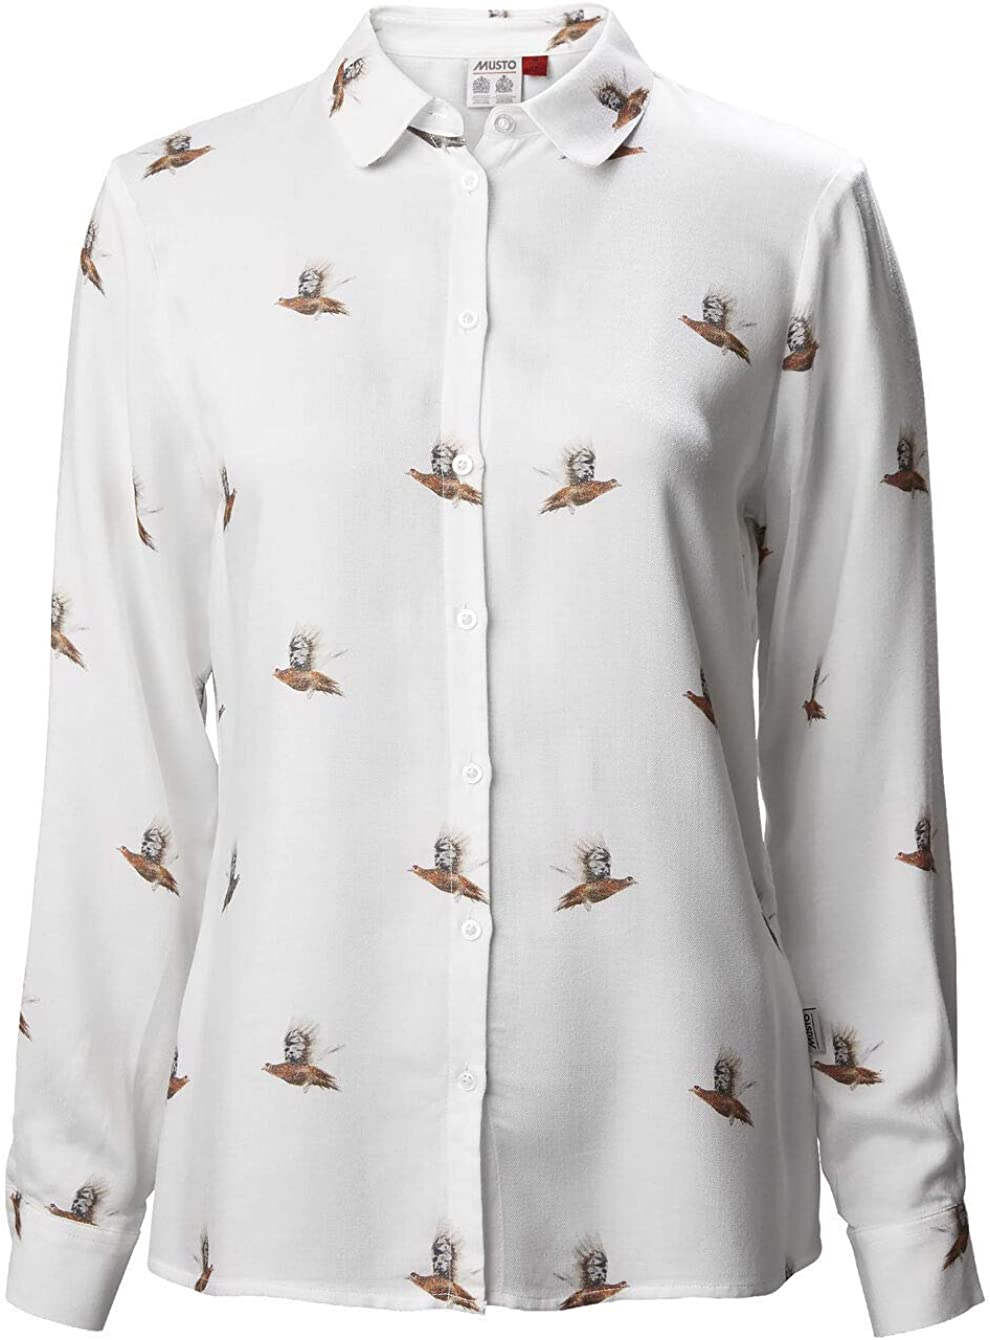 Musto Camisa con patrón de Campo para Mujer: Amazon.es: Ropa y accesorios